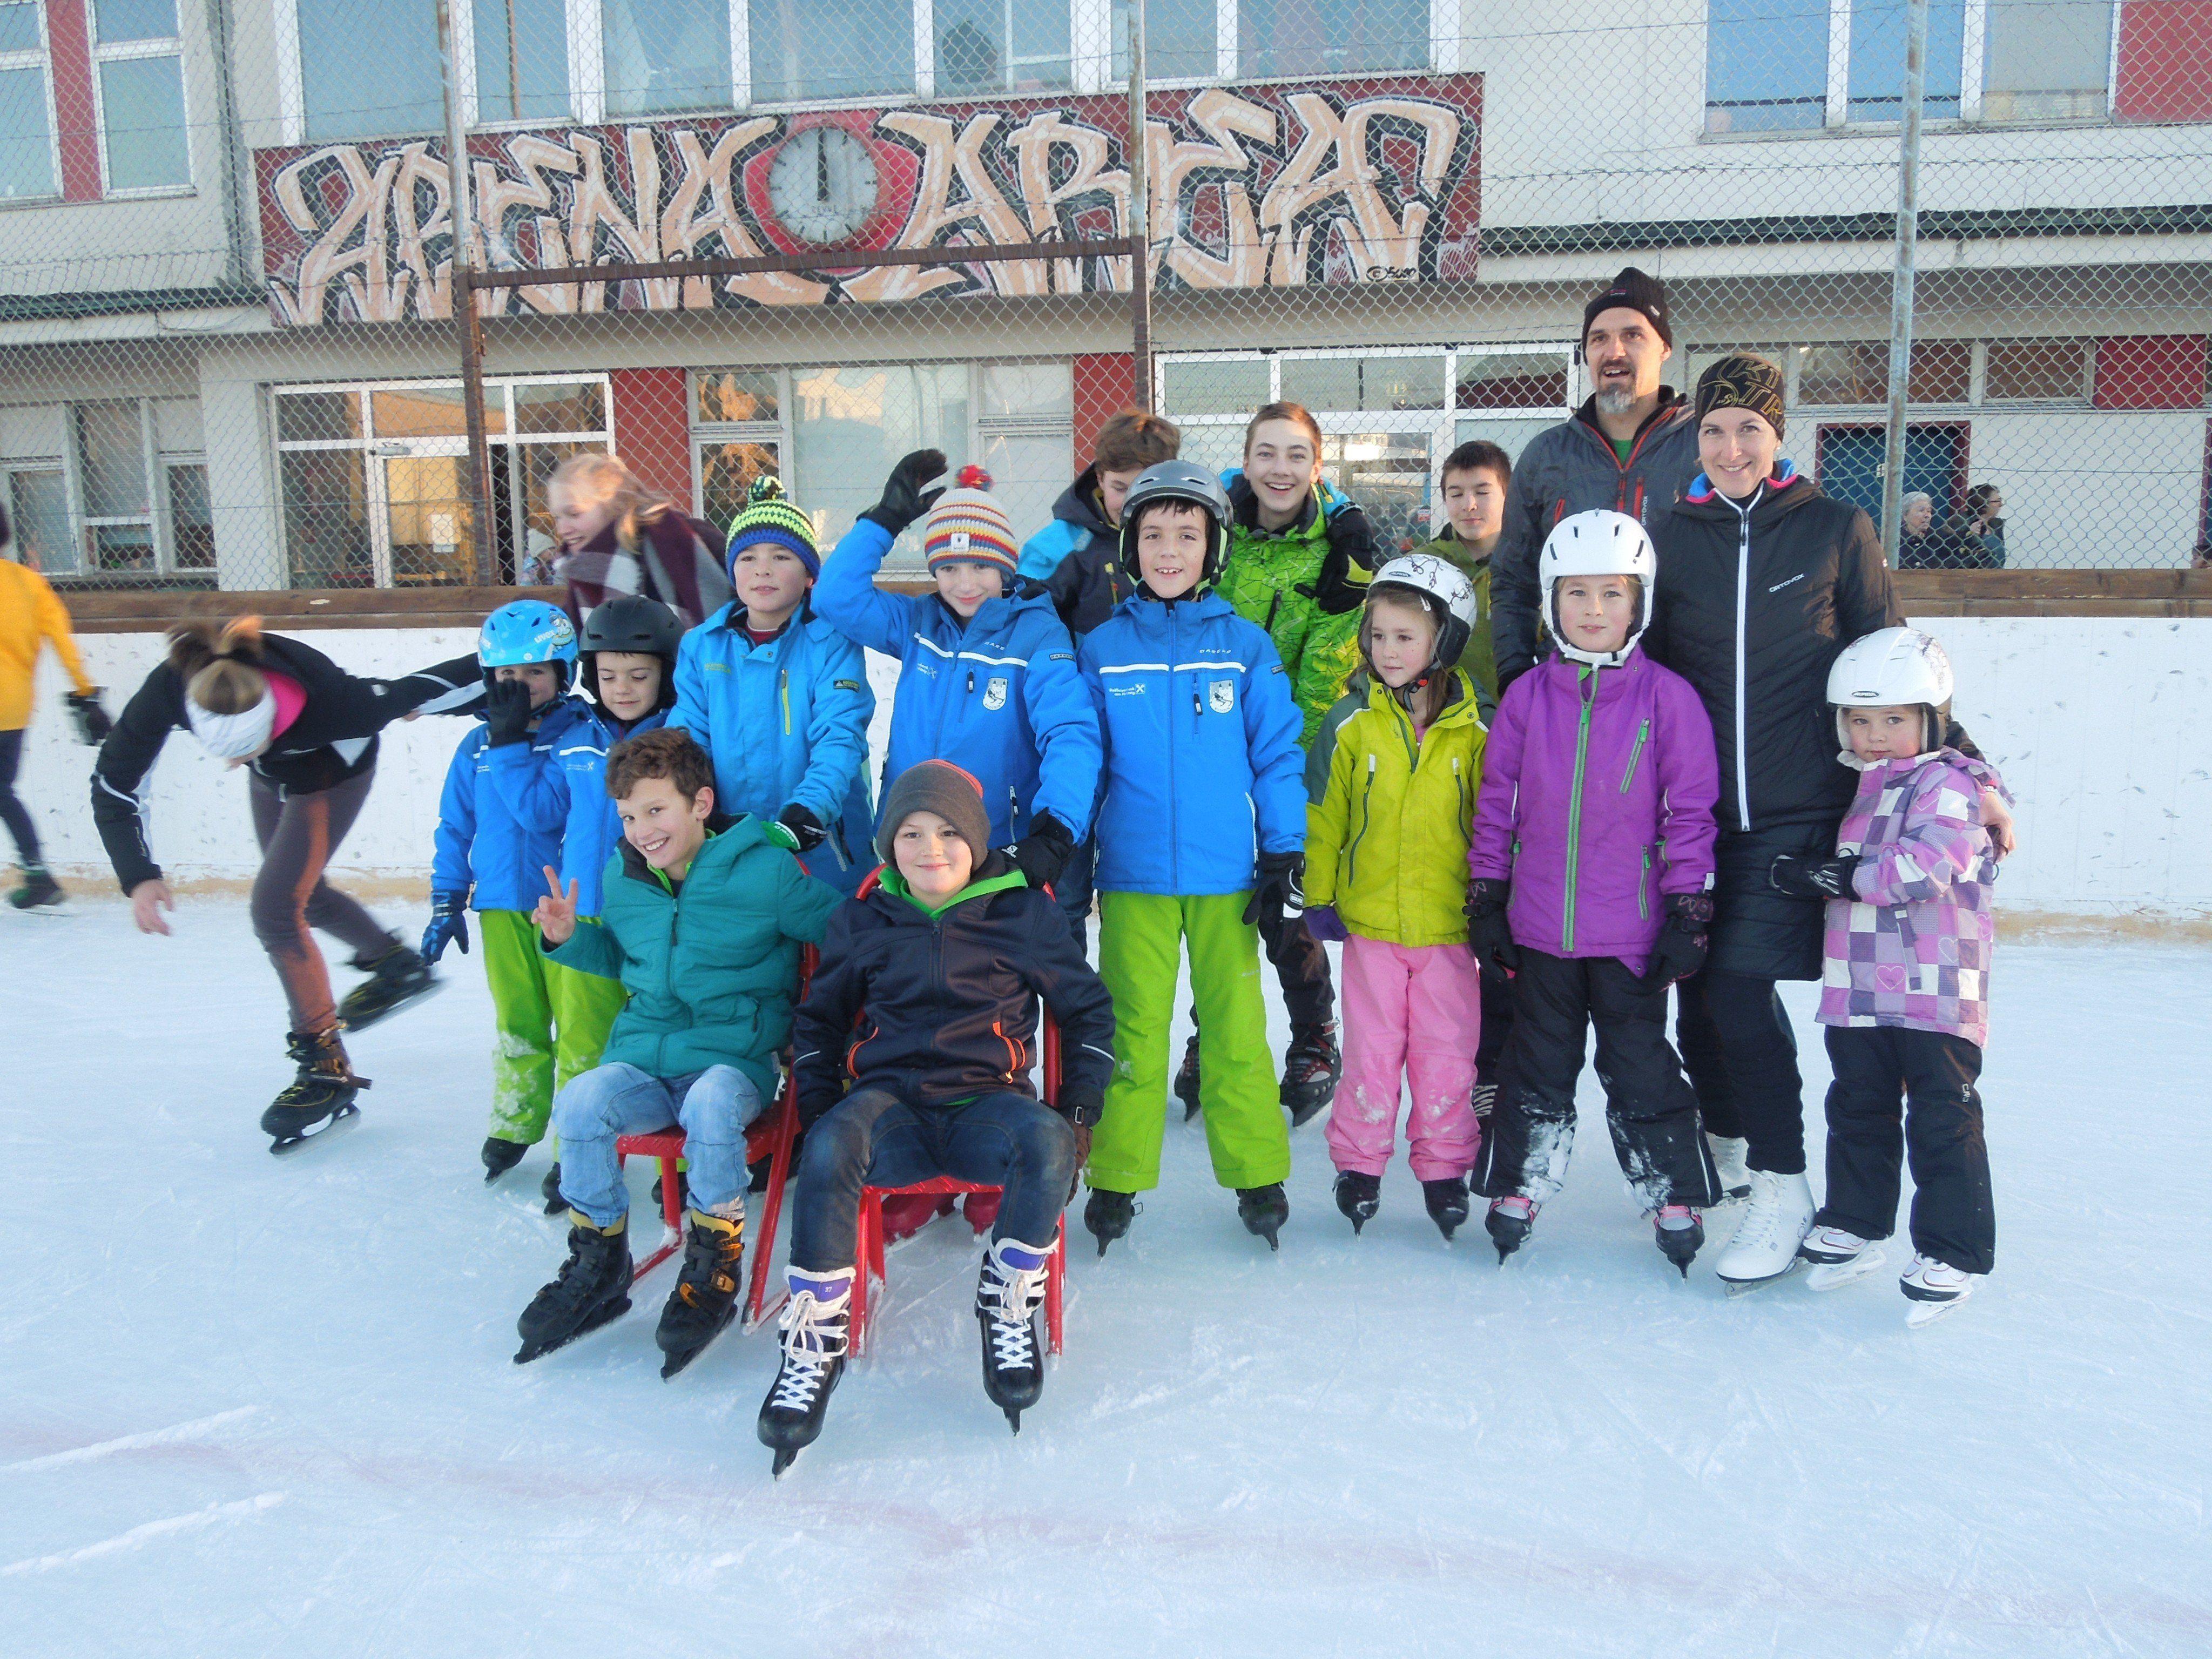 Eislaufen in Dornbirn, Höchsterstrasse